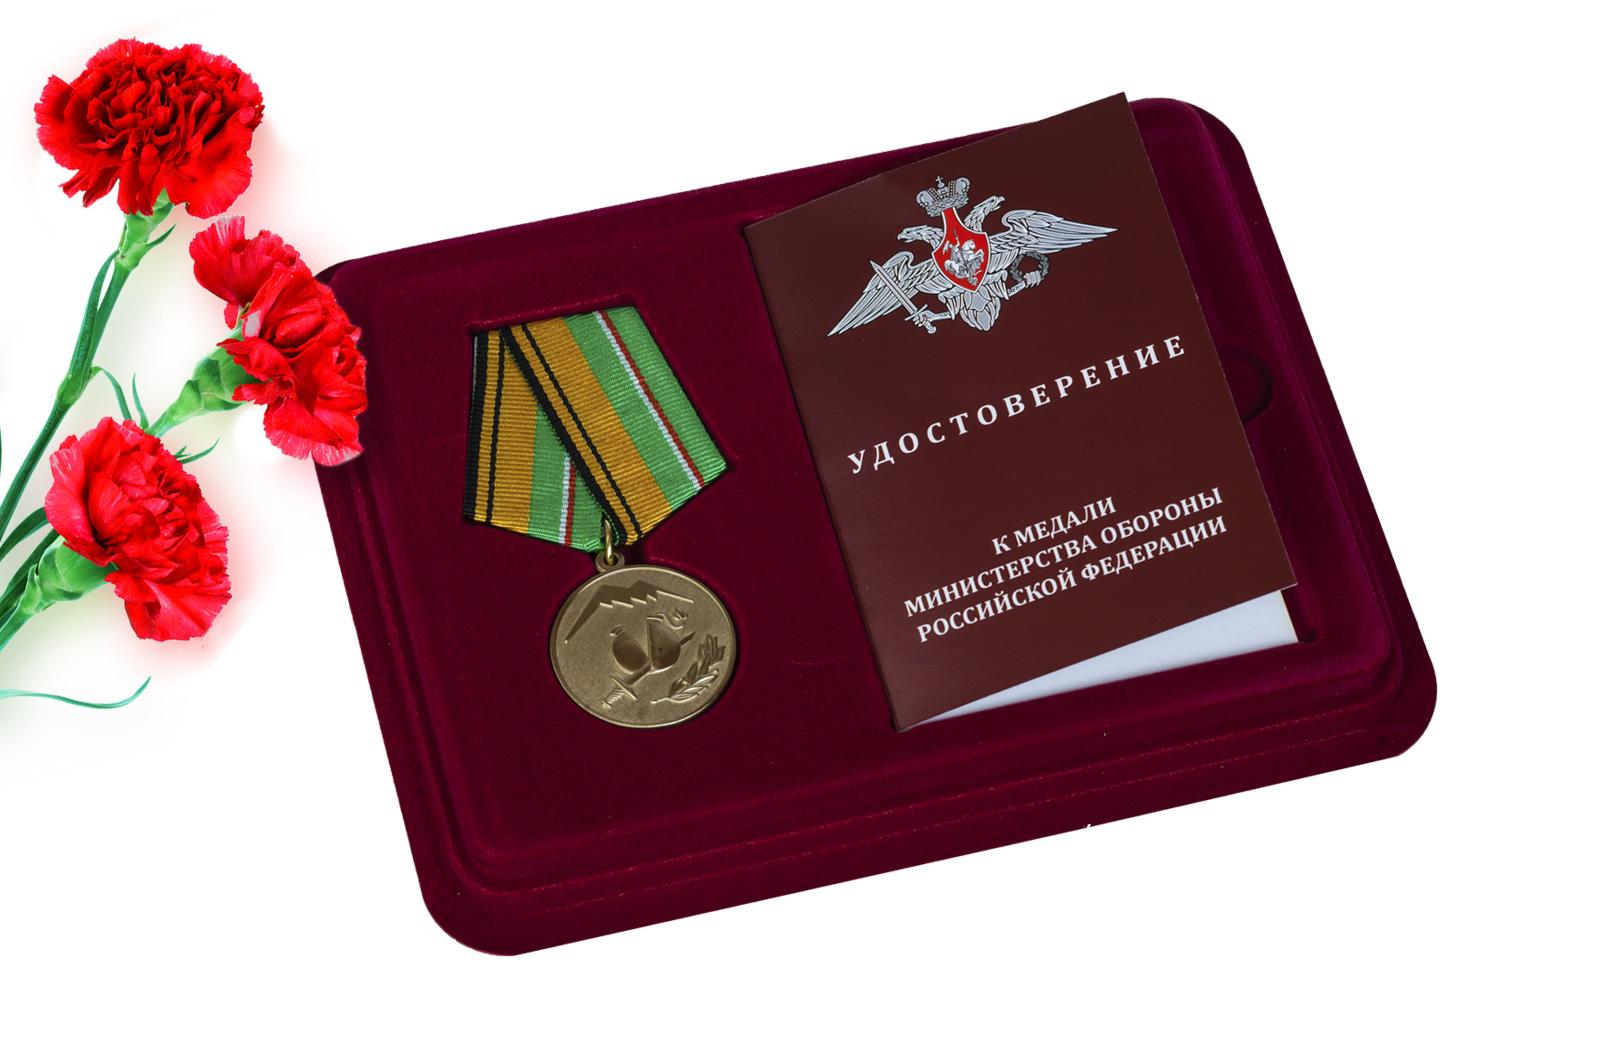 Купить медаль МО РФ Участнику разминирования в Чеченской Республике и Республике Ингушетия оптом выгодно